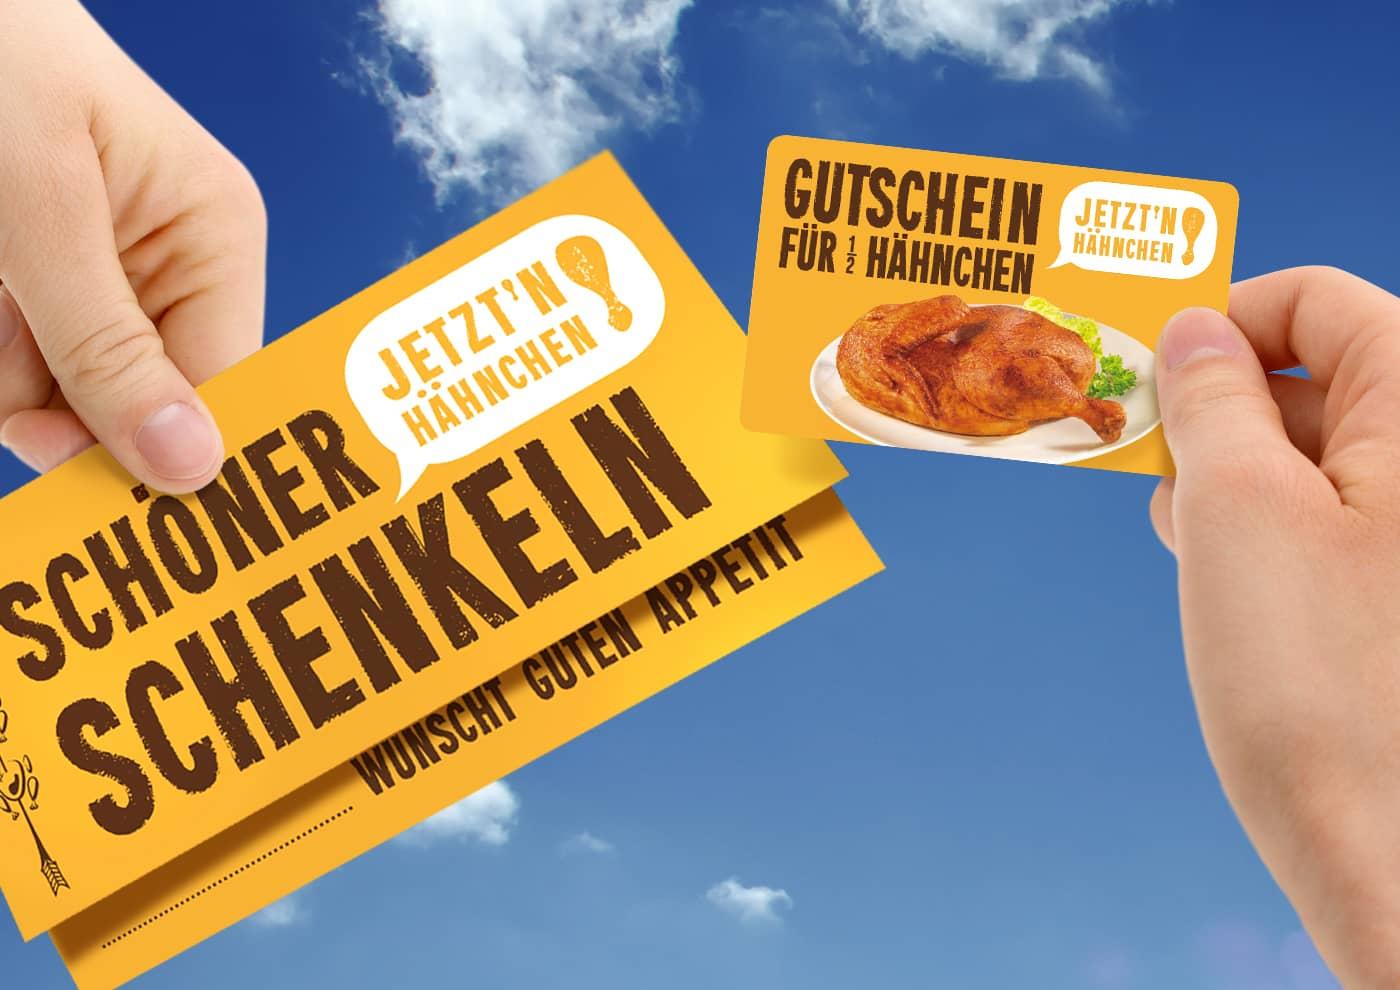 """Markenentwicklung und -betreuung für """"Jetzt 'n Hähnchen!"""" - Gutscheine"""